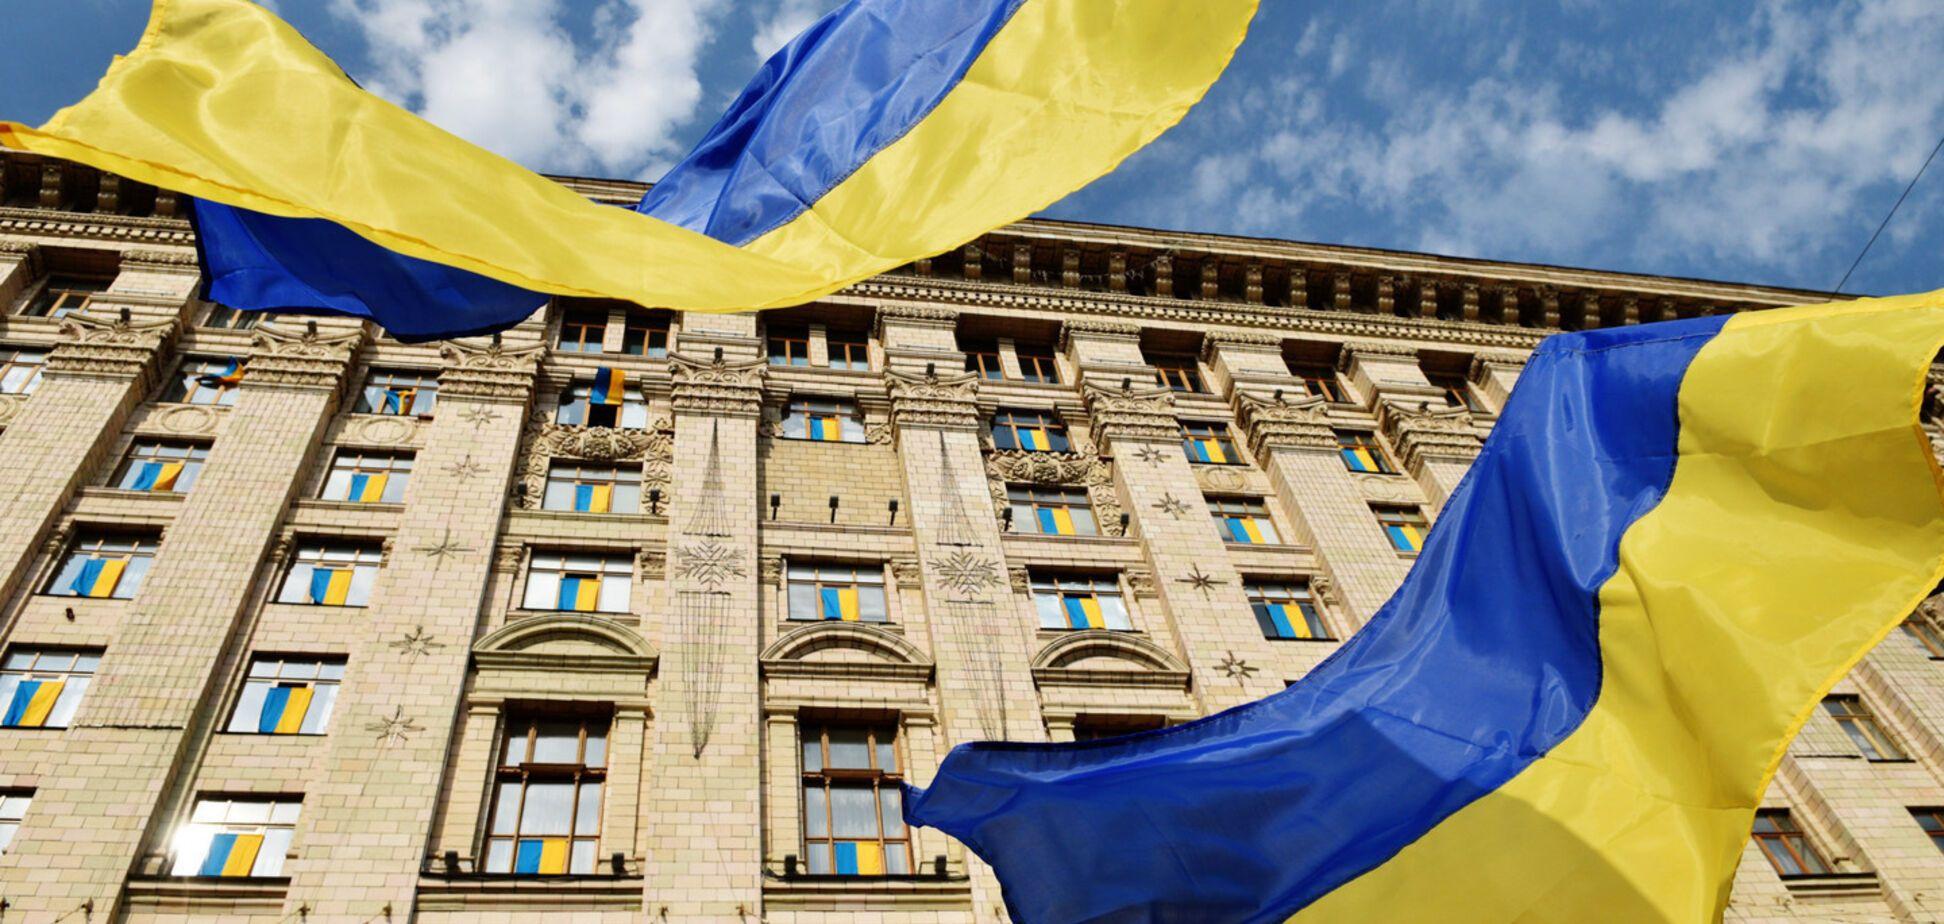 'Без Харькова, без Херсона, без Одессы': террористы разогнали в сети исторический фейк об Украине